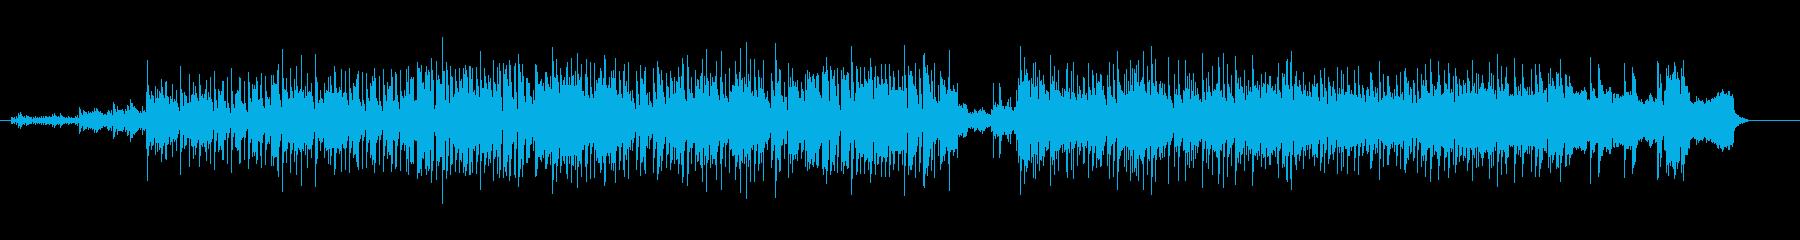 壮快なフュージョンの再生済みの波形